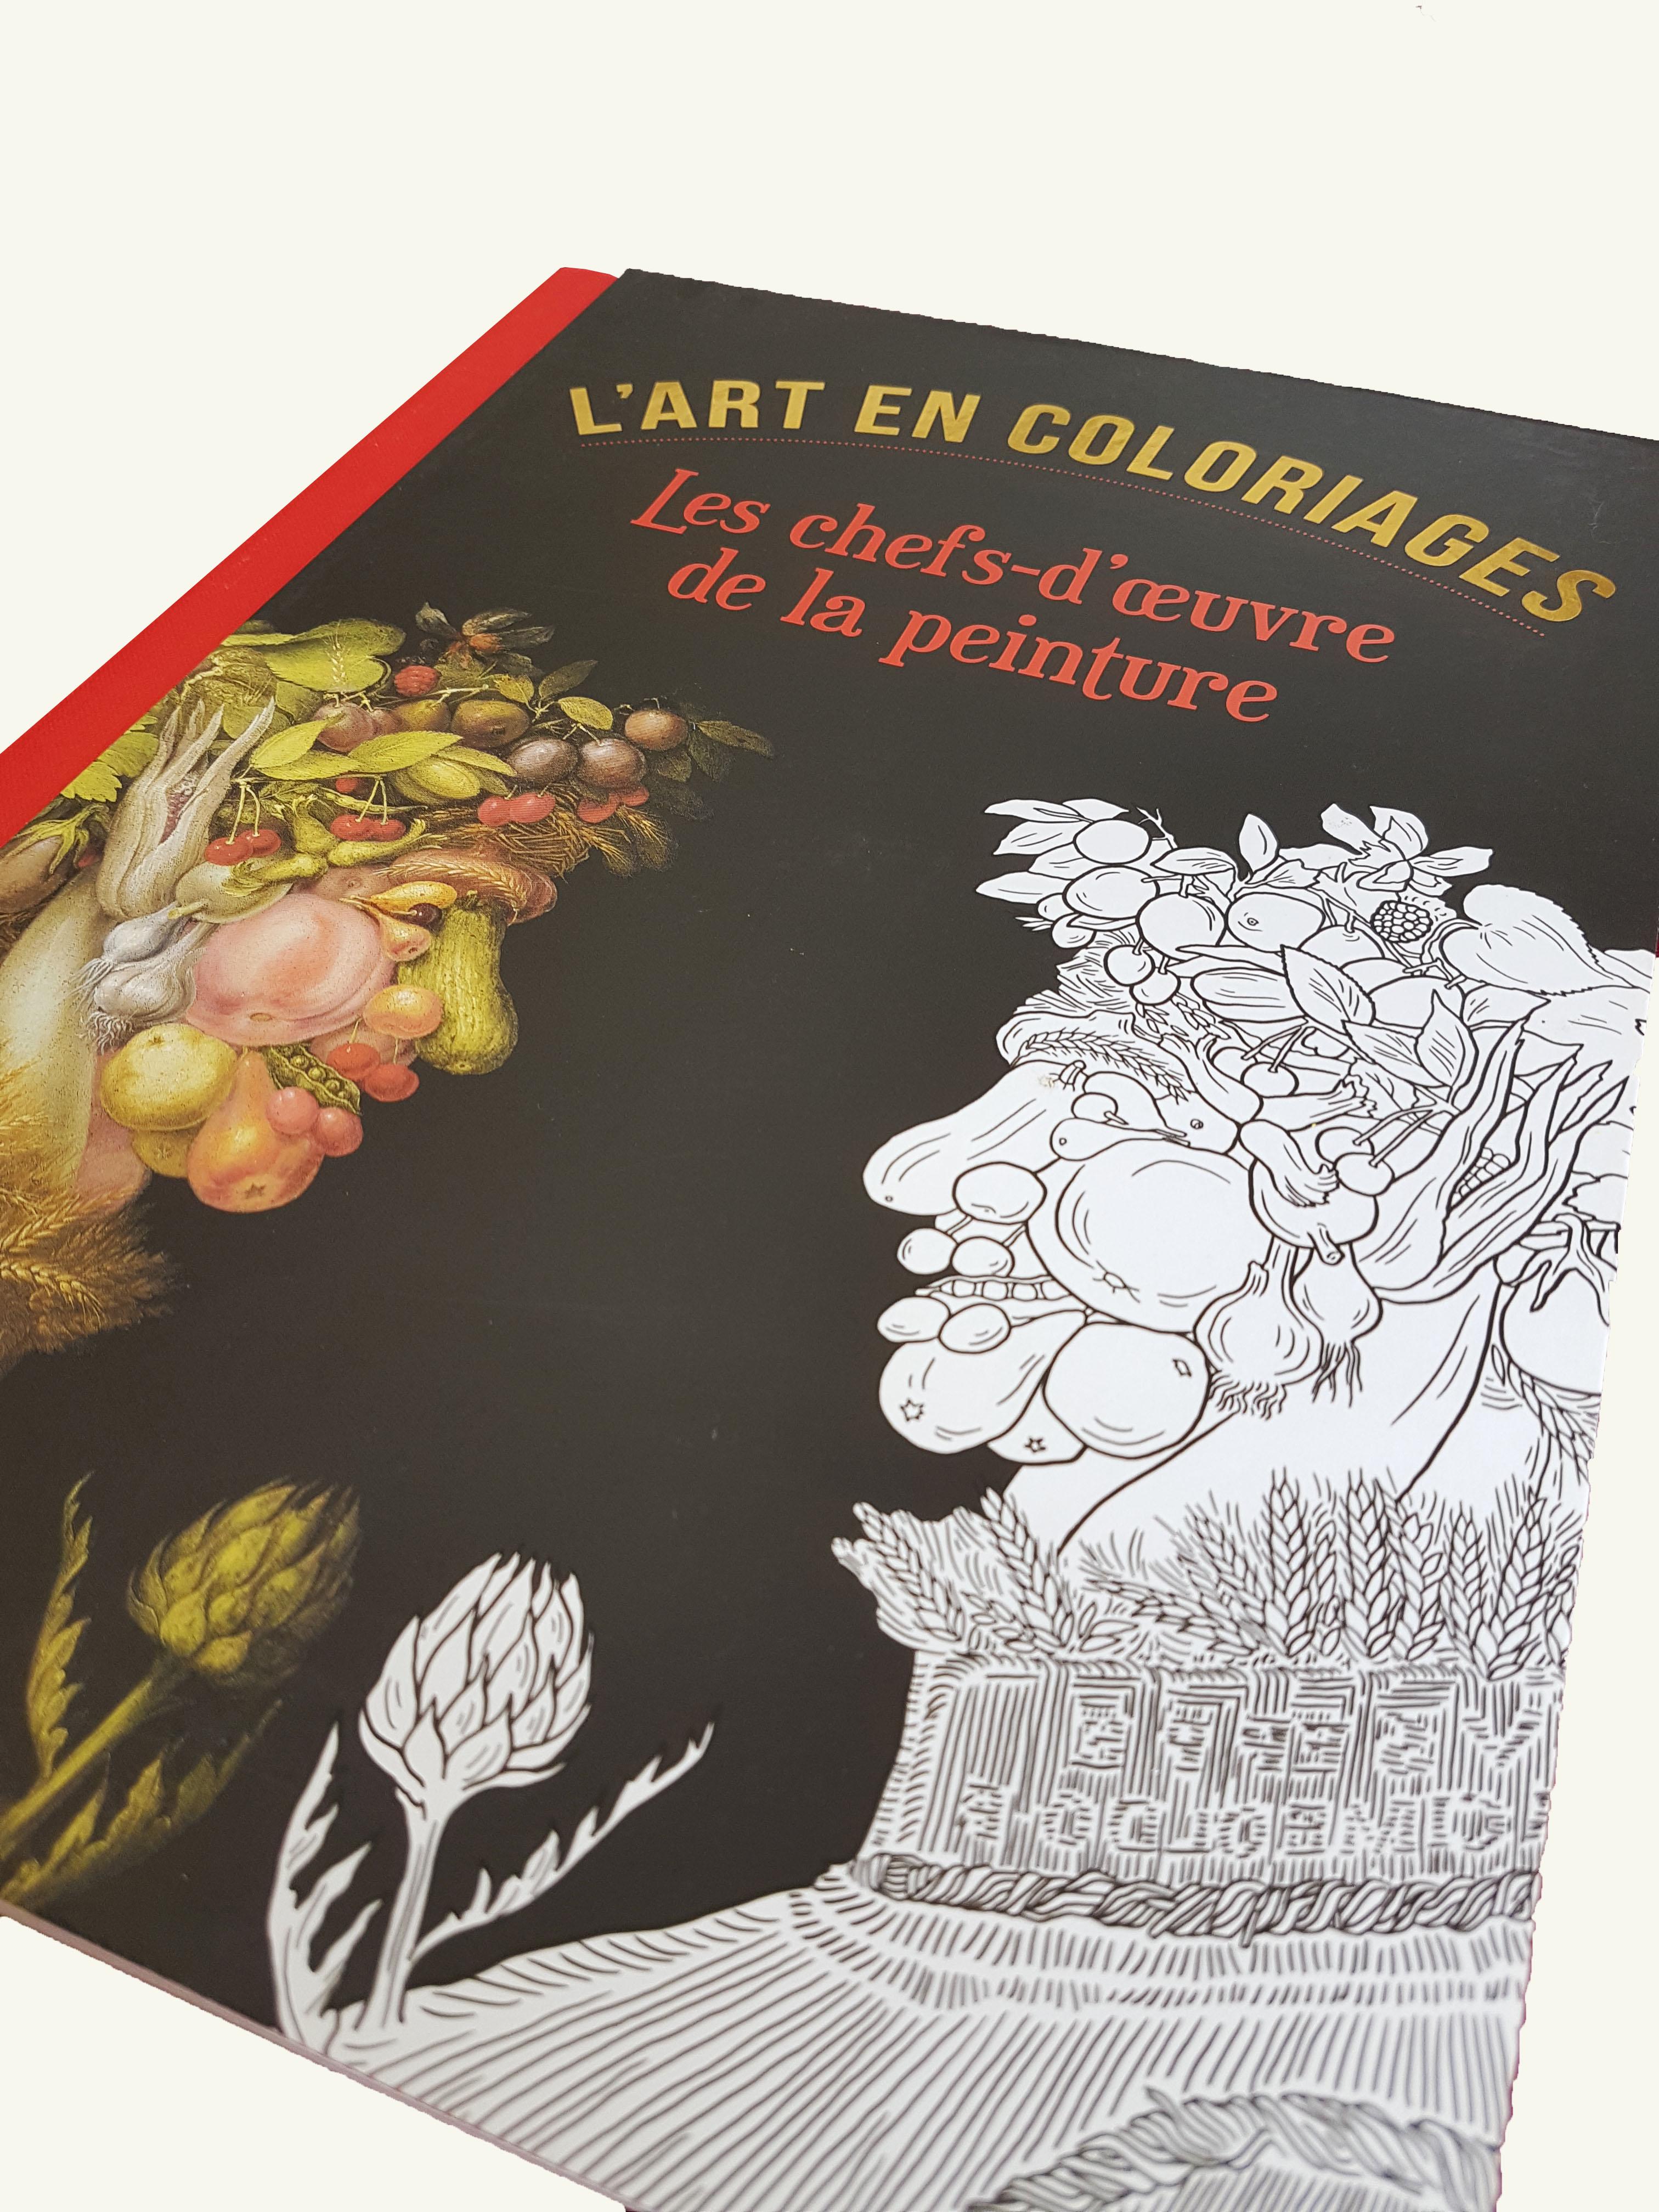 Coll L'art en coloriages